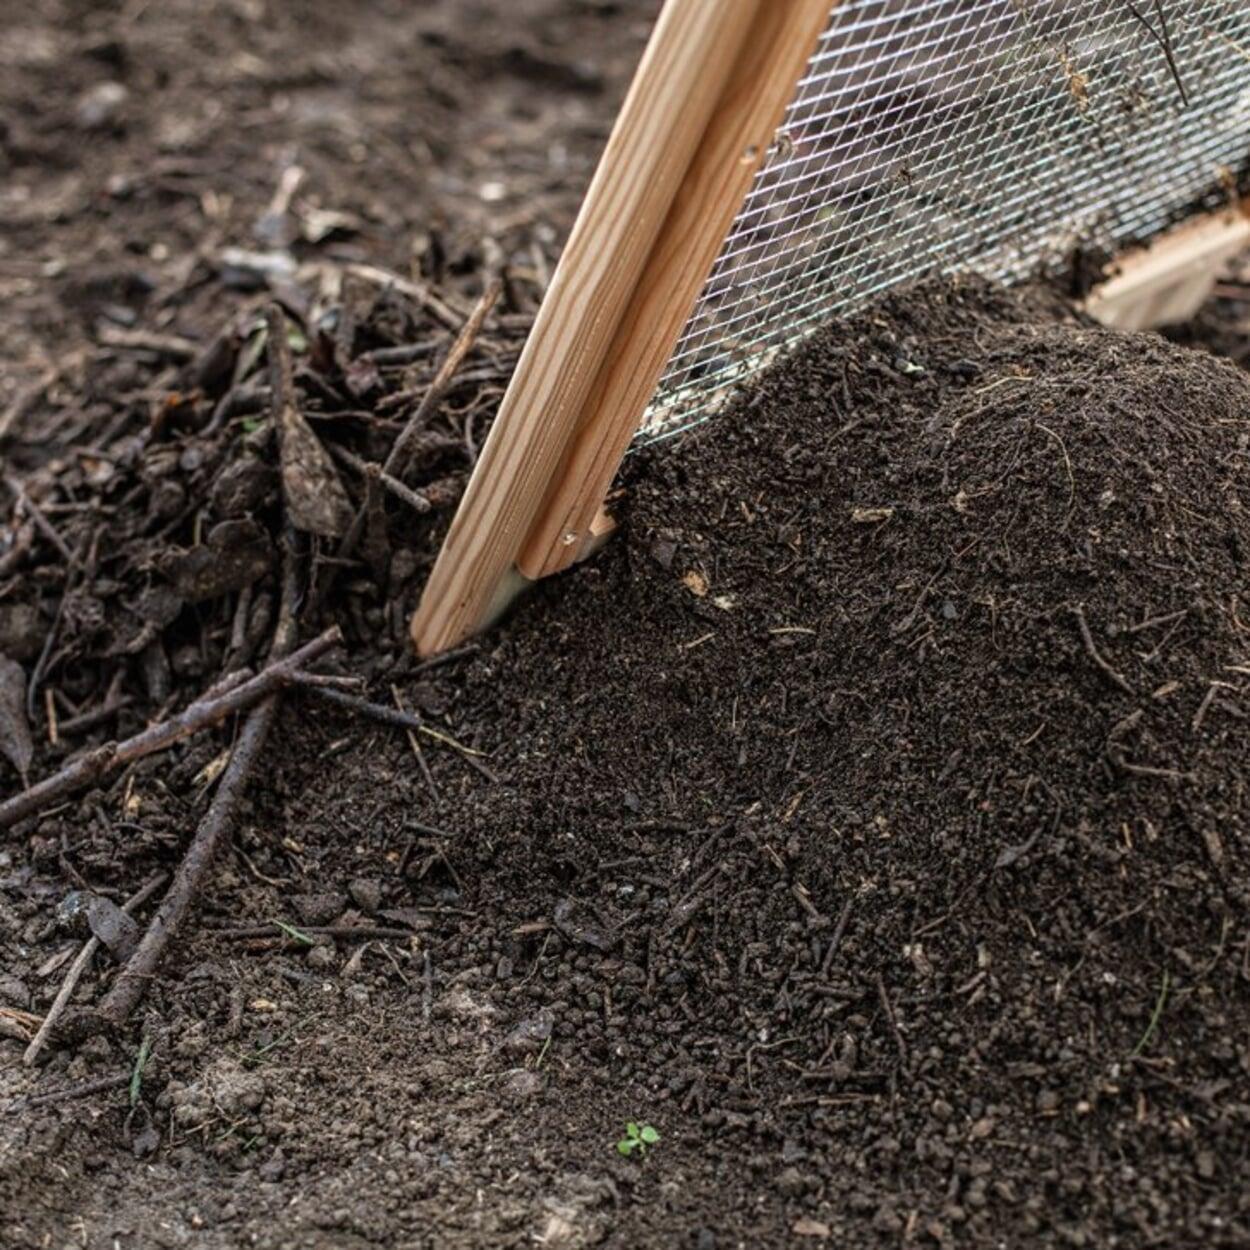 Für die Bodenverbesserung Kompost sieben